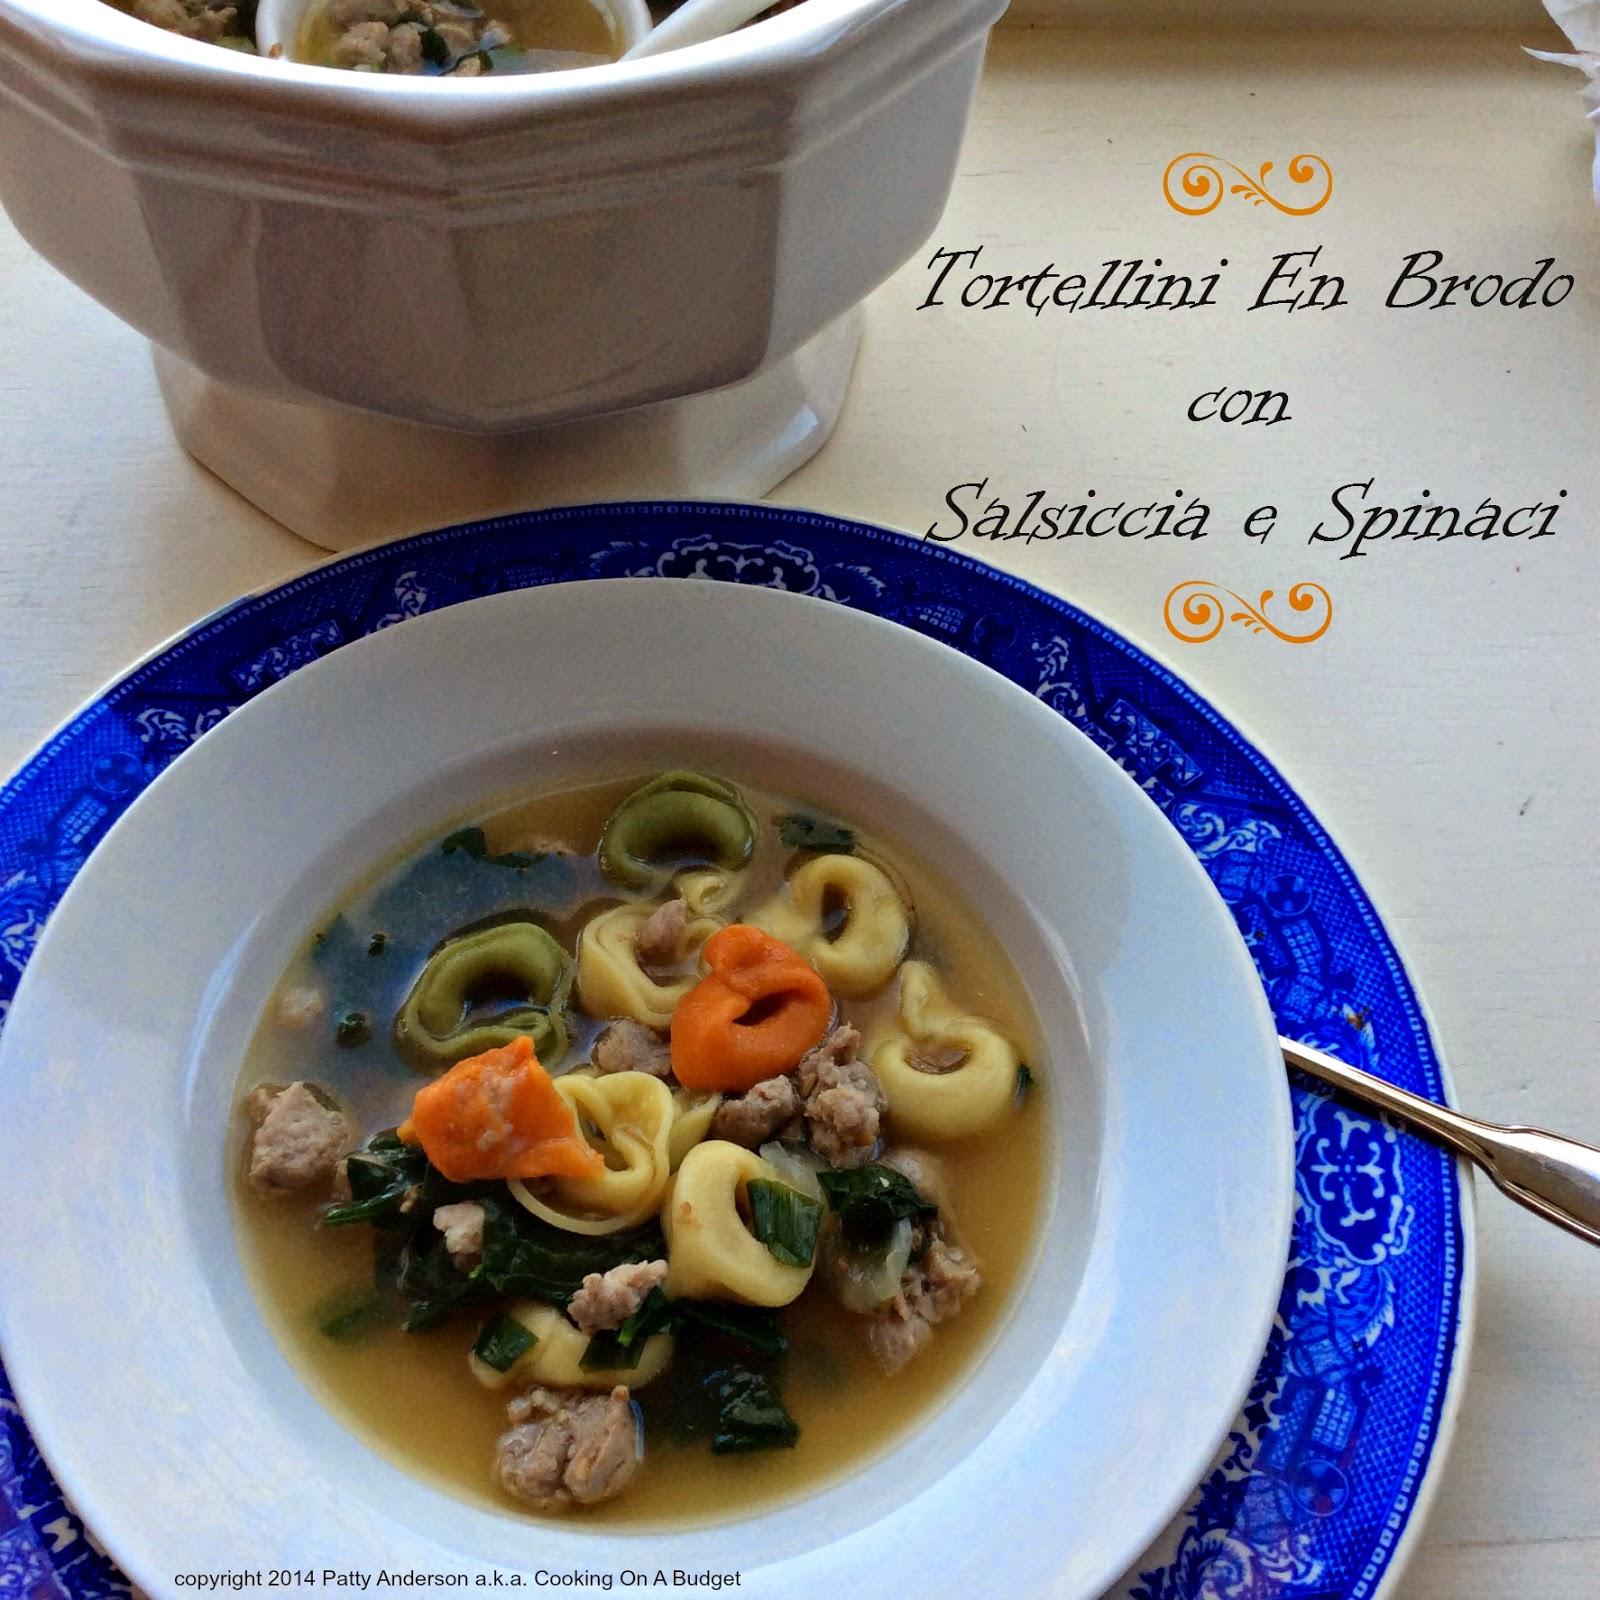 Cooking On A Budget: Tortellini En Brodo con Salsiccia e Spinaci